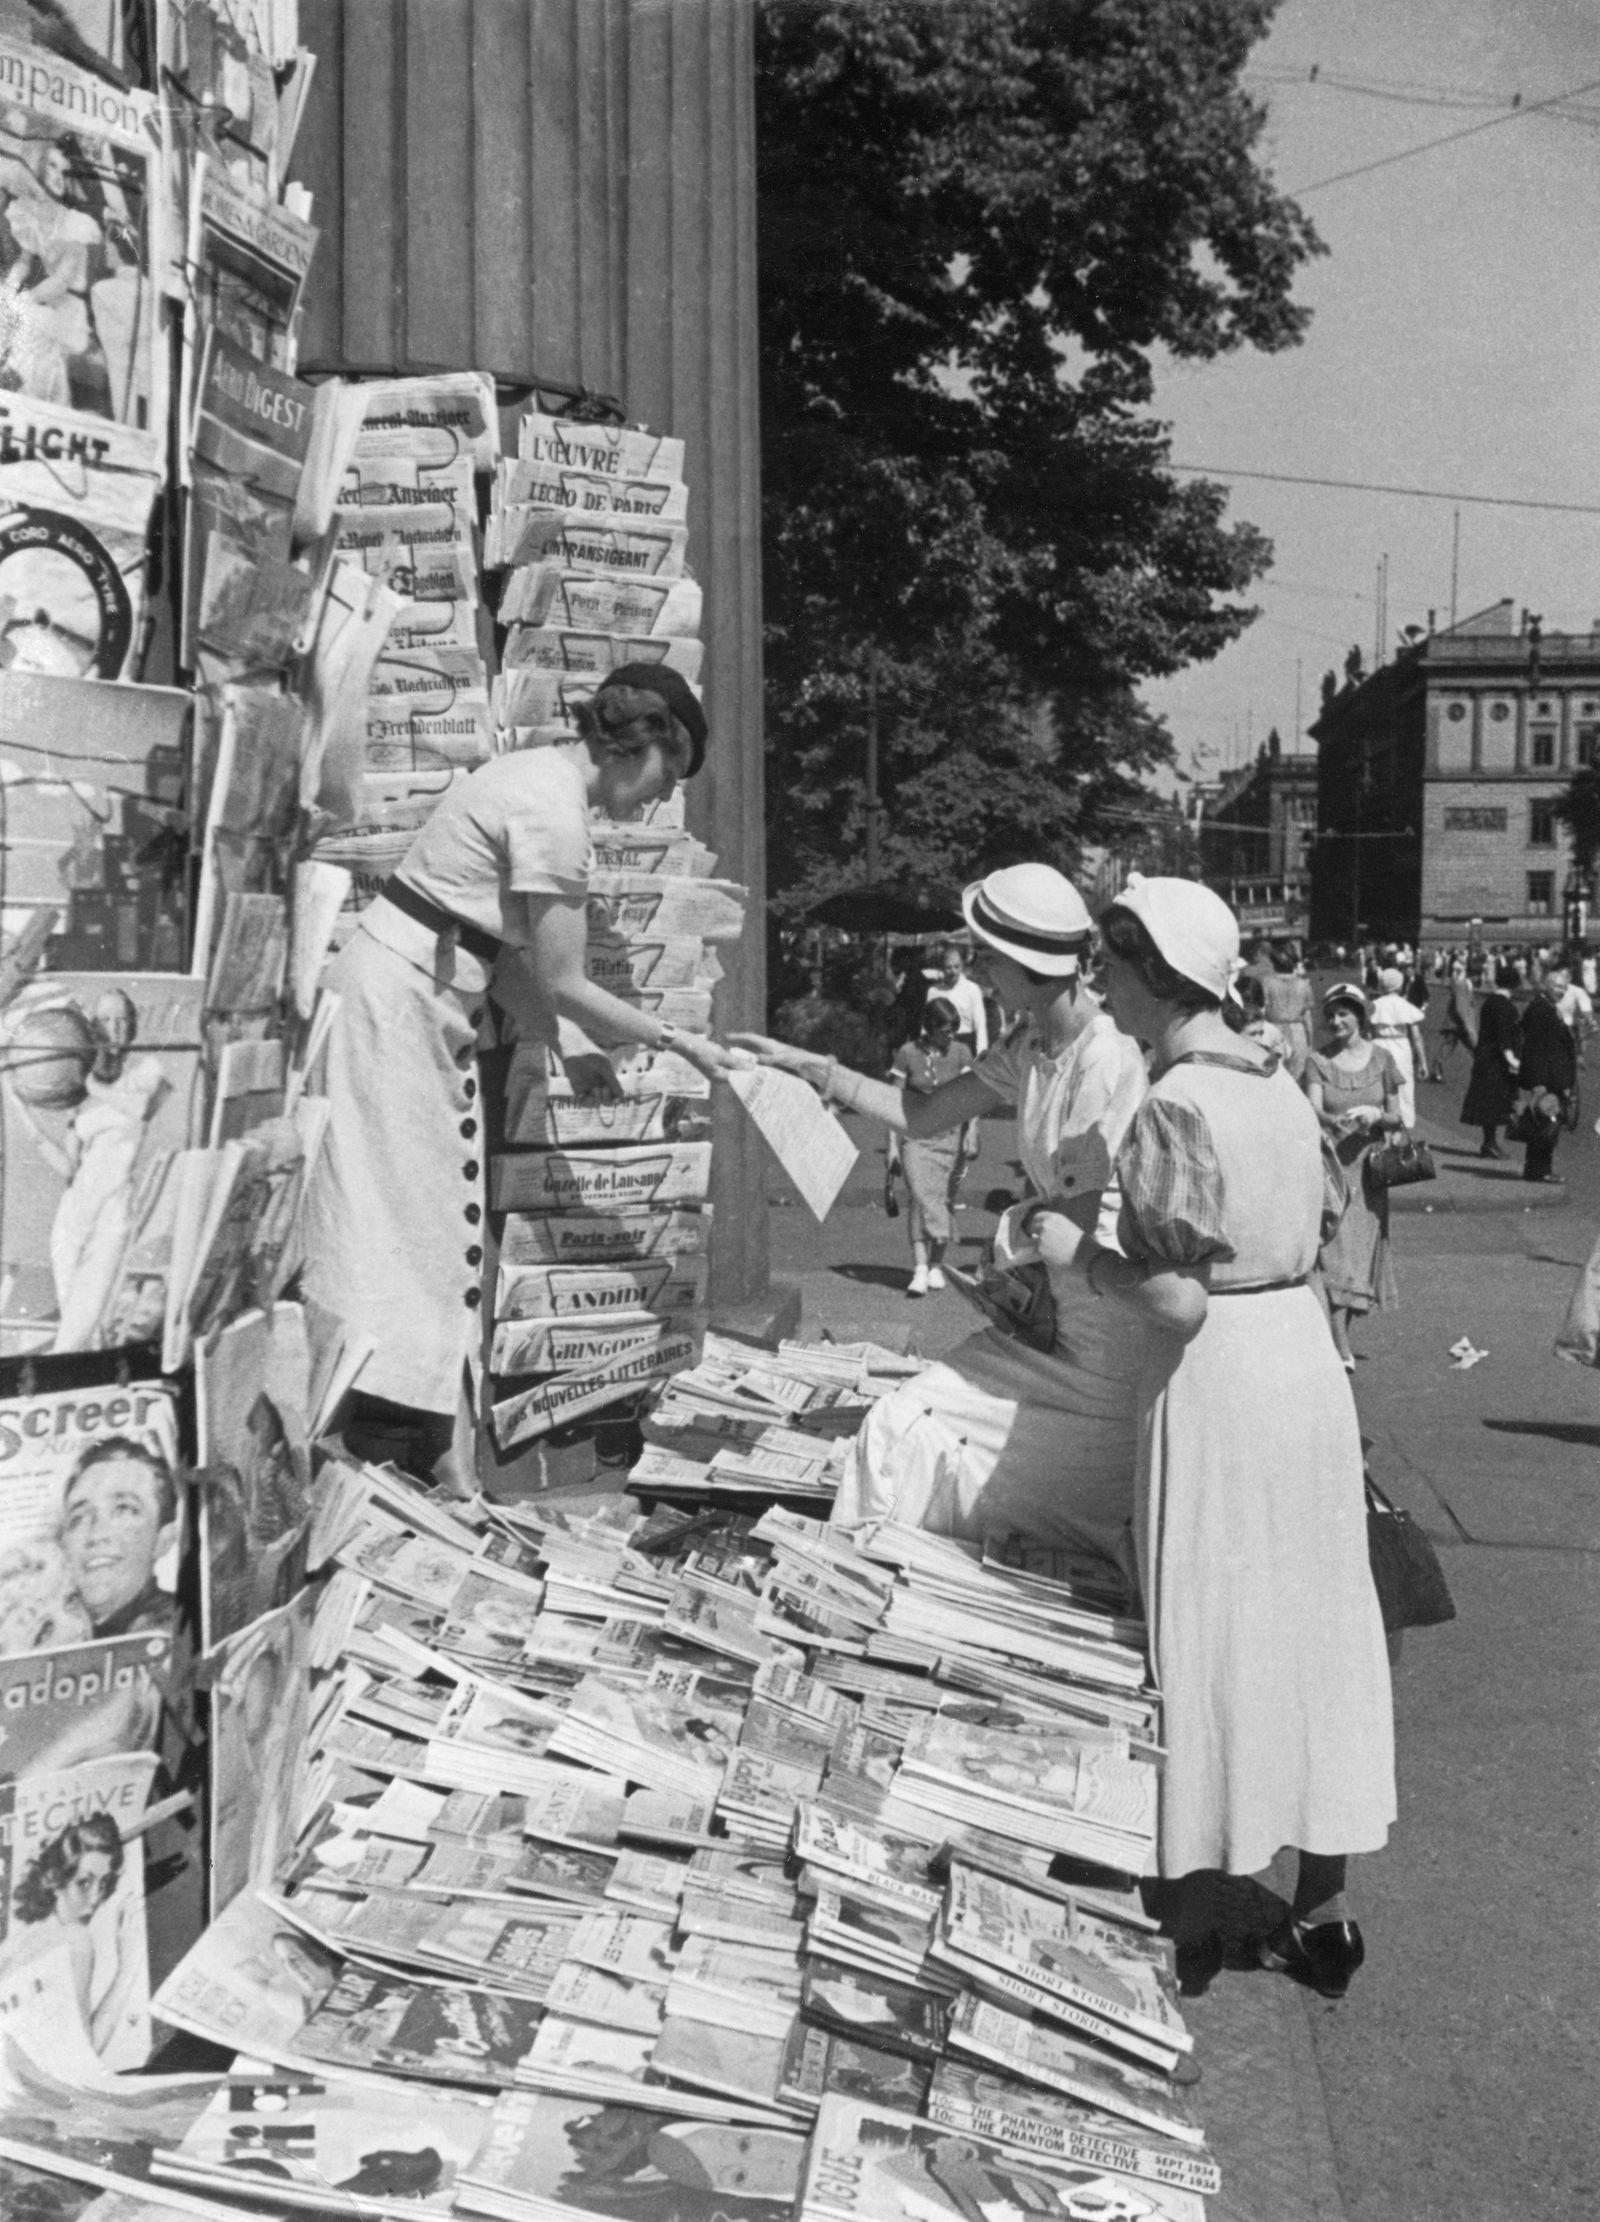 Zeitungskiosk mit internationaler Presse am Leipziger Platz